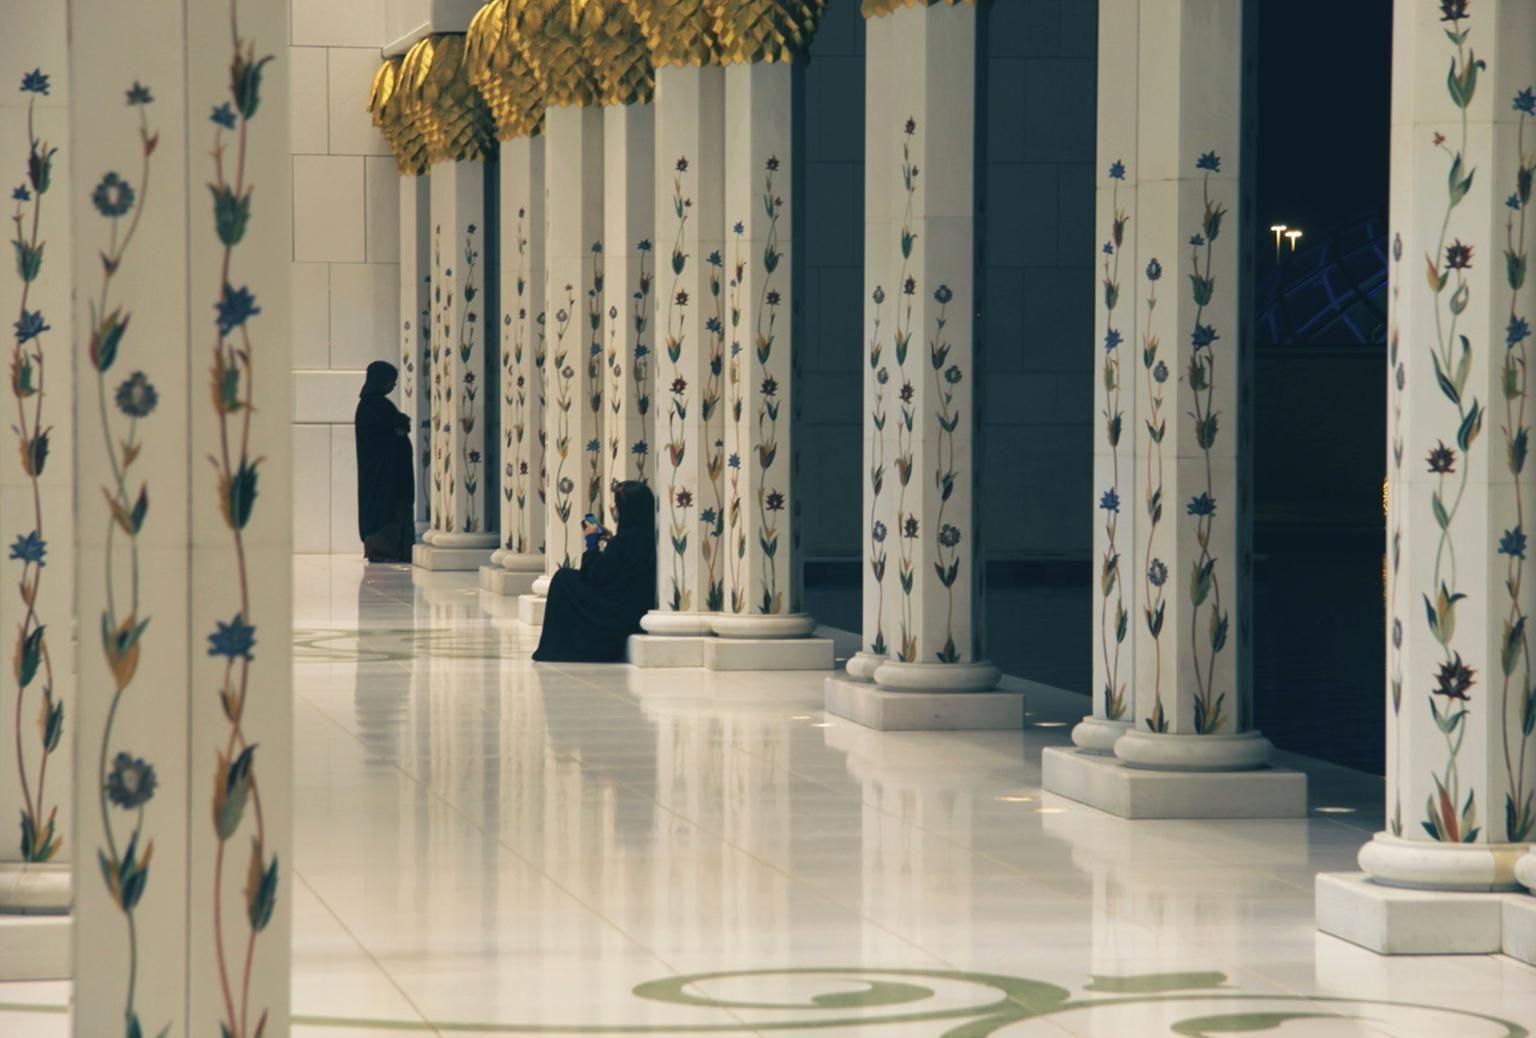 Image libre mosqu e religion architecture int rieur for Decoration interieur fenetre rideau